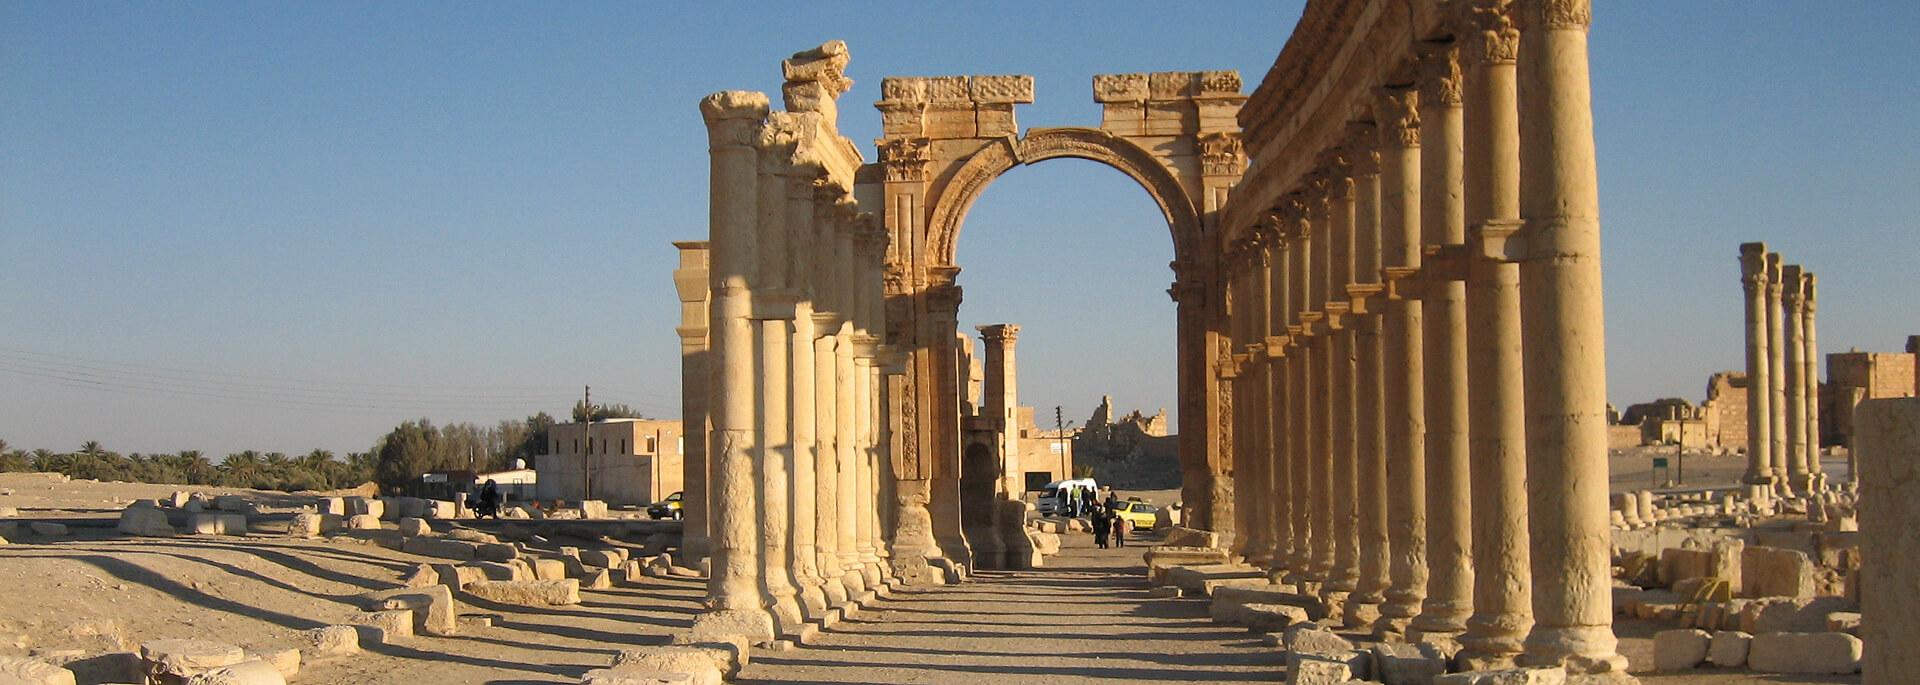 Fotos: Syrien von Damaskus bis Aleppo